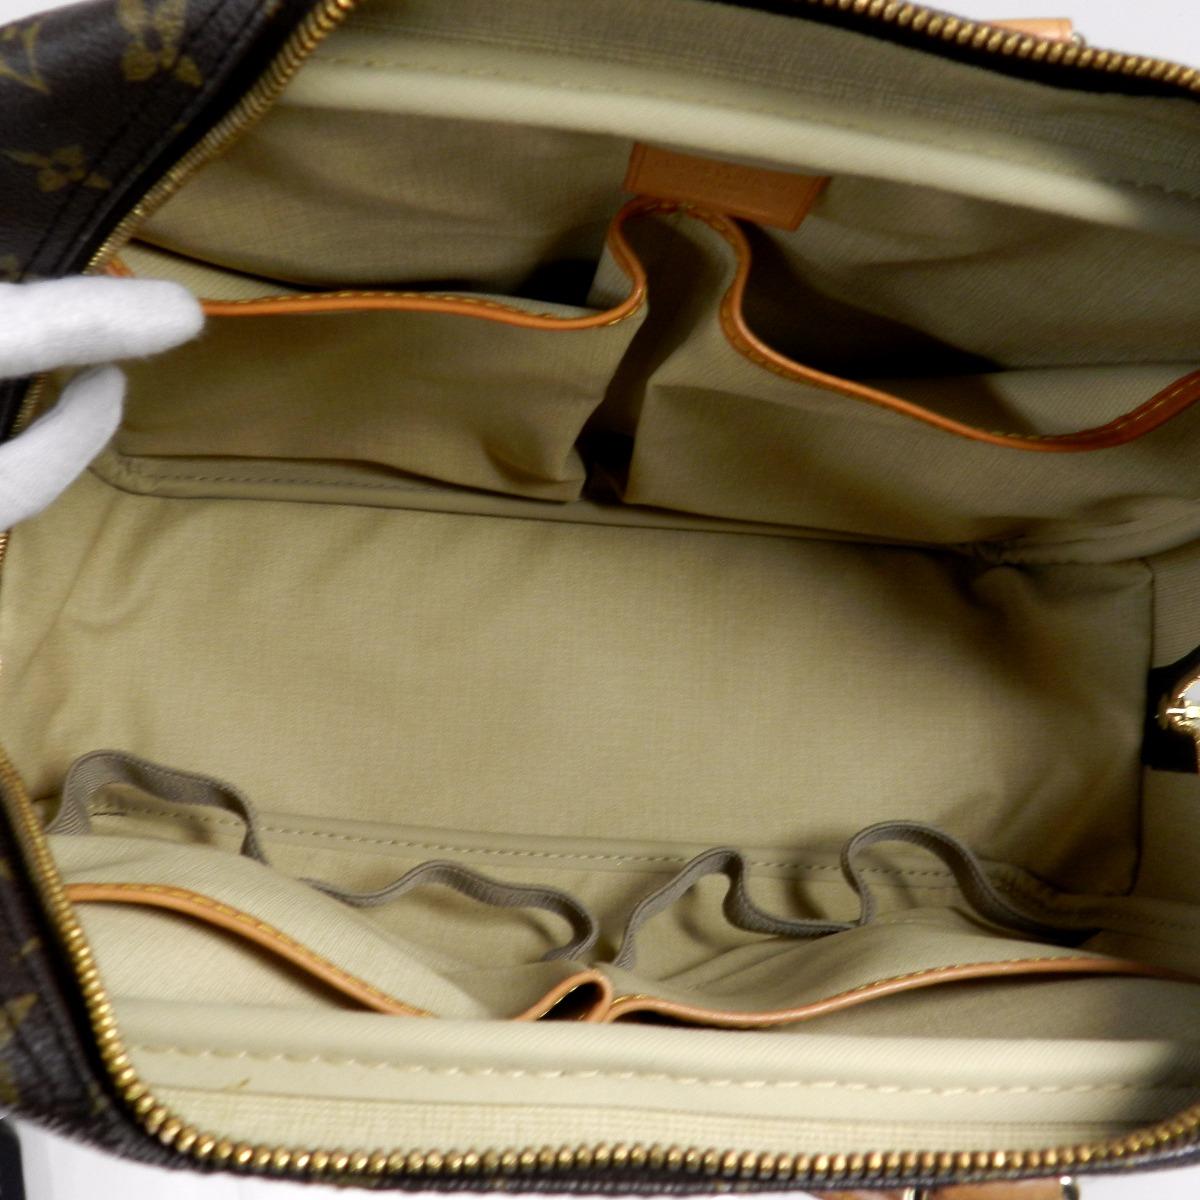 LOUIS VUITTON doviru M4727手提包交织字母帆布女士